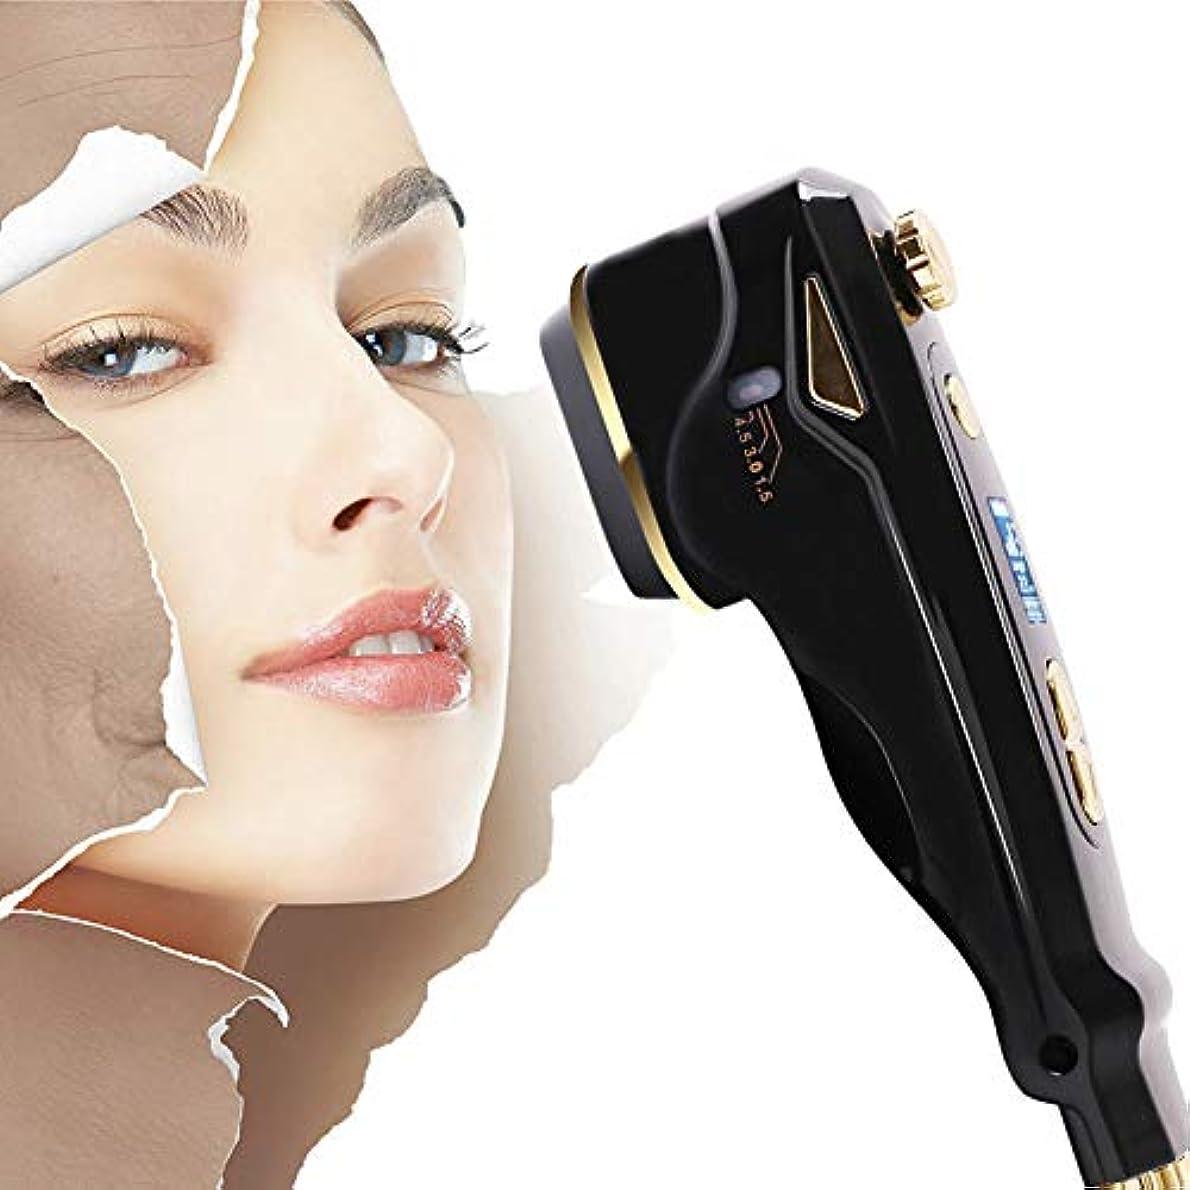 茎内訳望ましいミニ 1の3 HIFU アンチエイジング 改築 デバイス、 世帯 RF フェイシャル 美しさ 機械 へ 家庭での使用 肌の若返り、 首 しわの除去、 ホワイトニング、 肌の引き締め デバイス